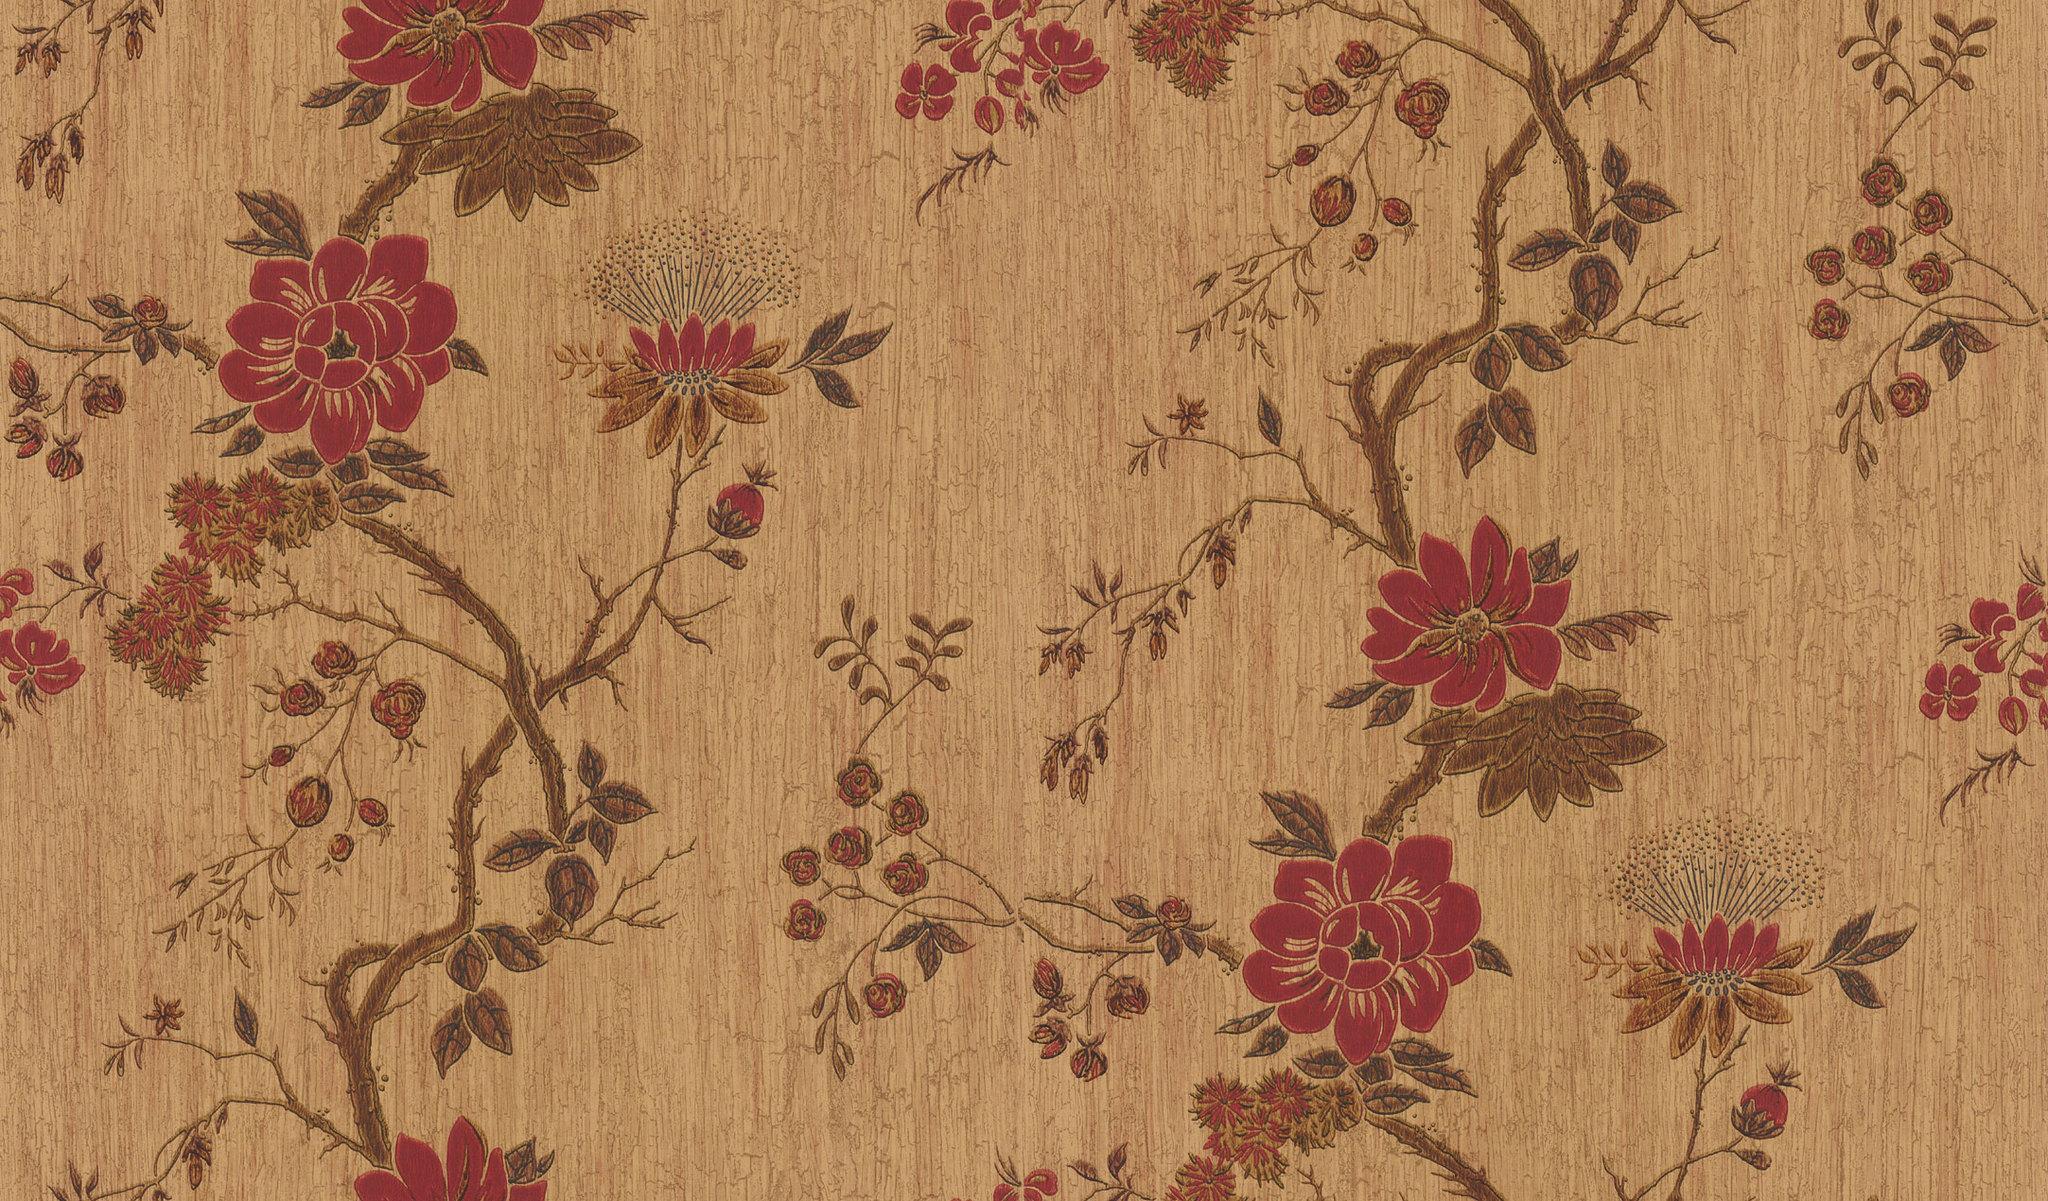 Обои Cole & Son Collection of Flowers 65/1002, интернет магазин Волео